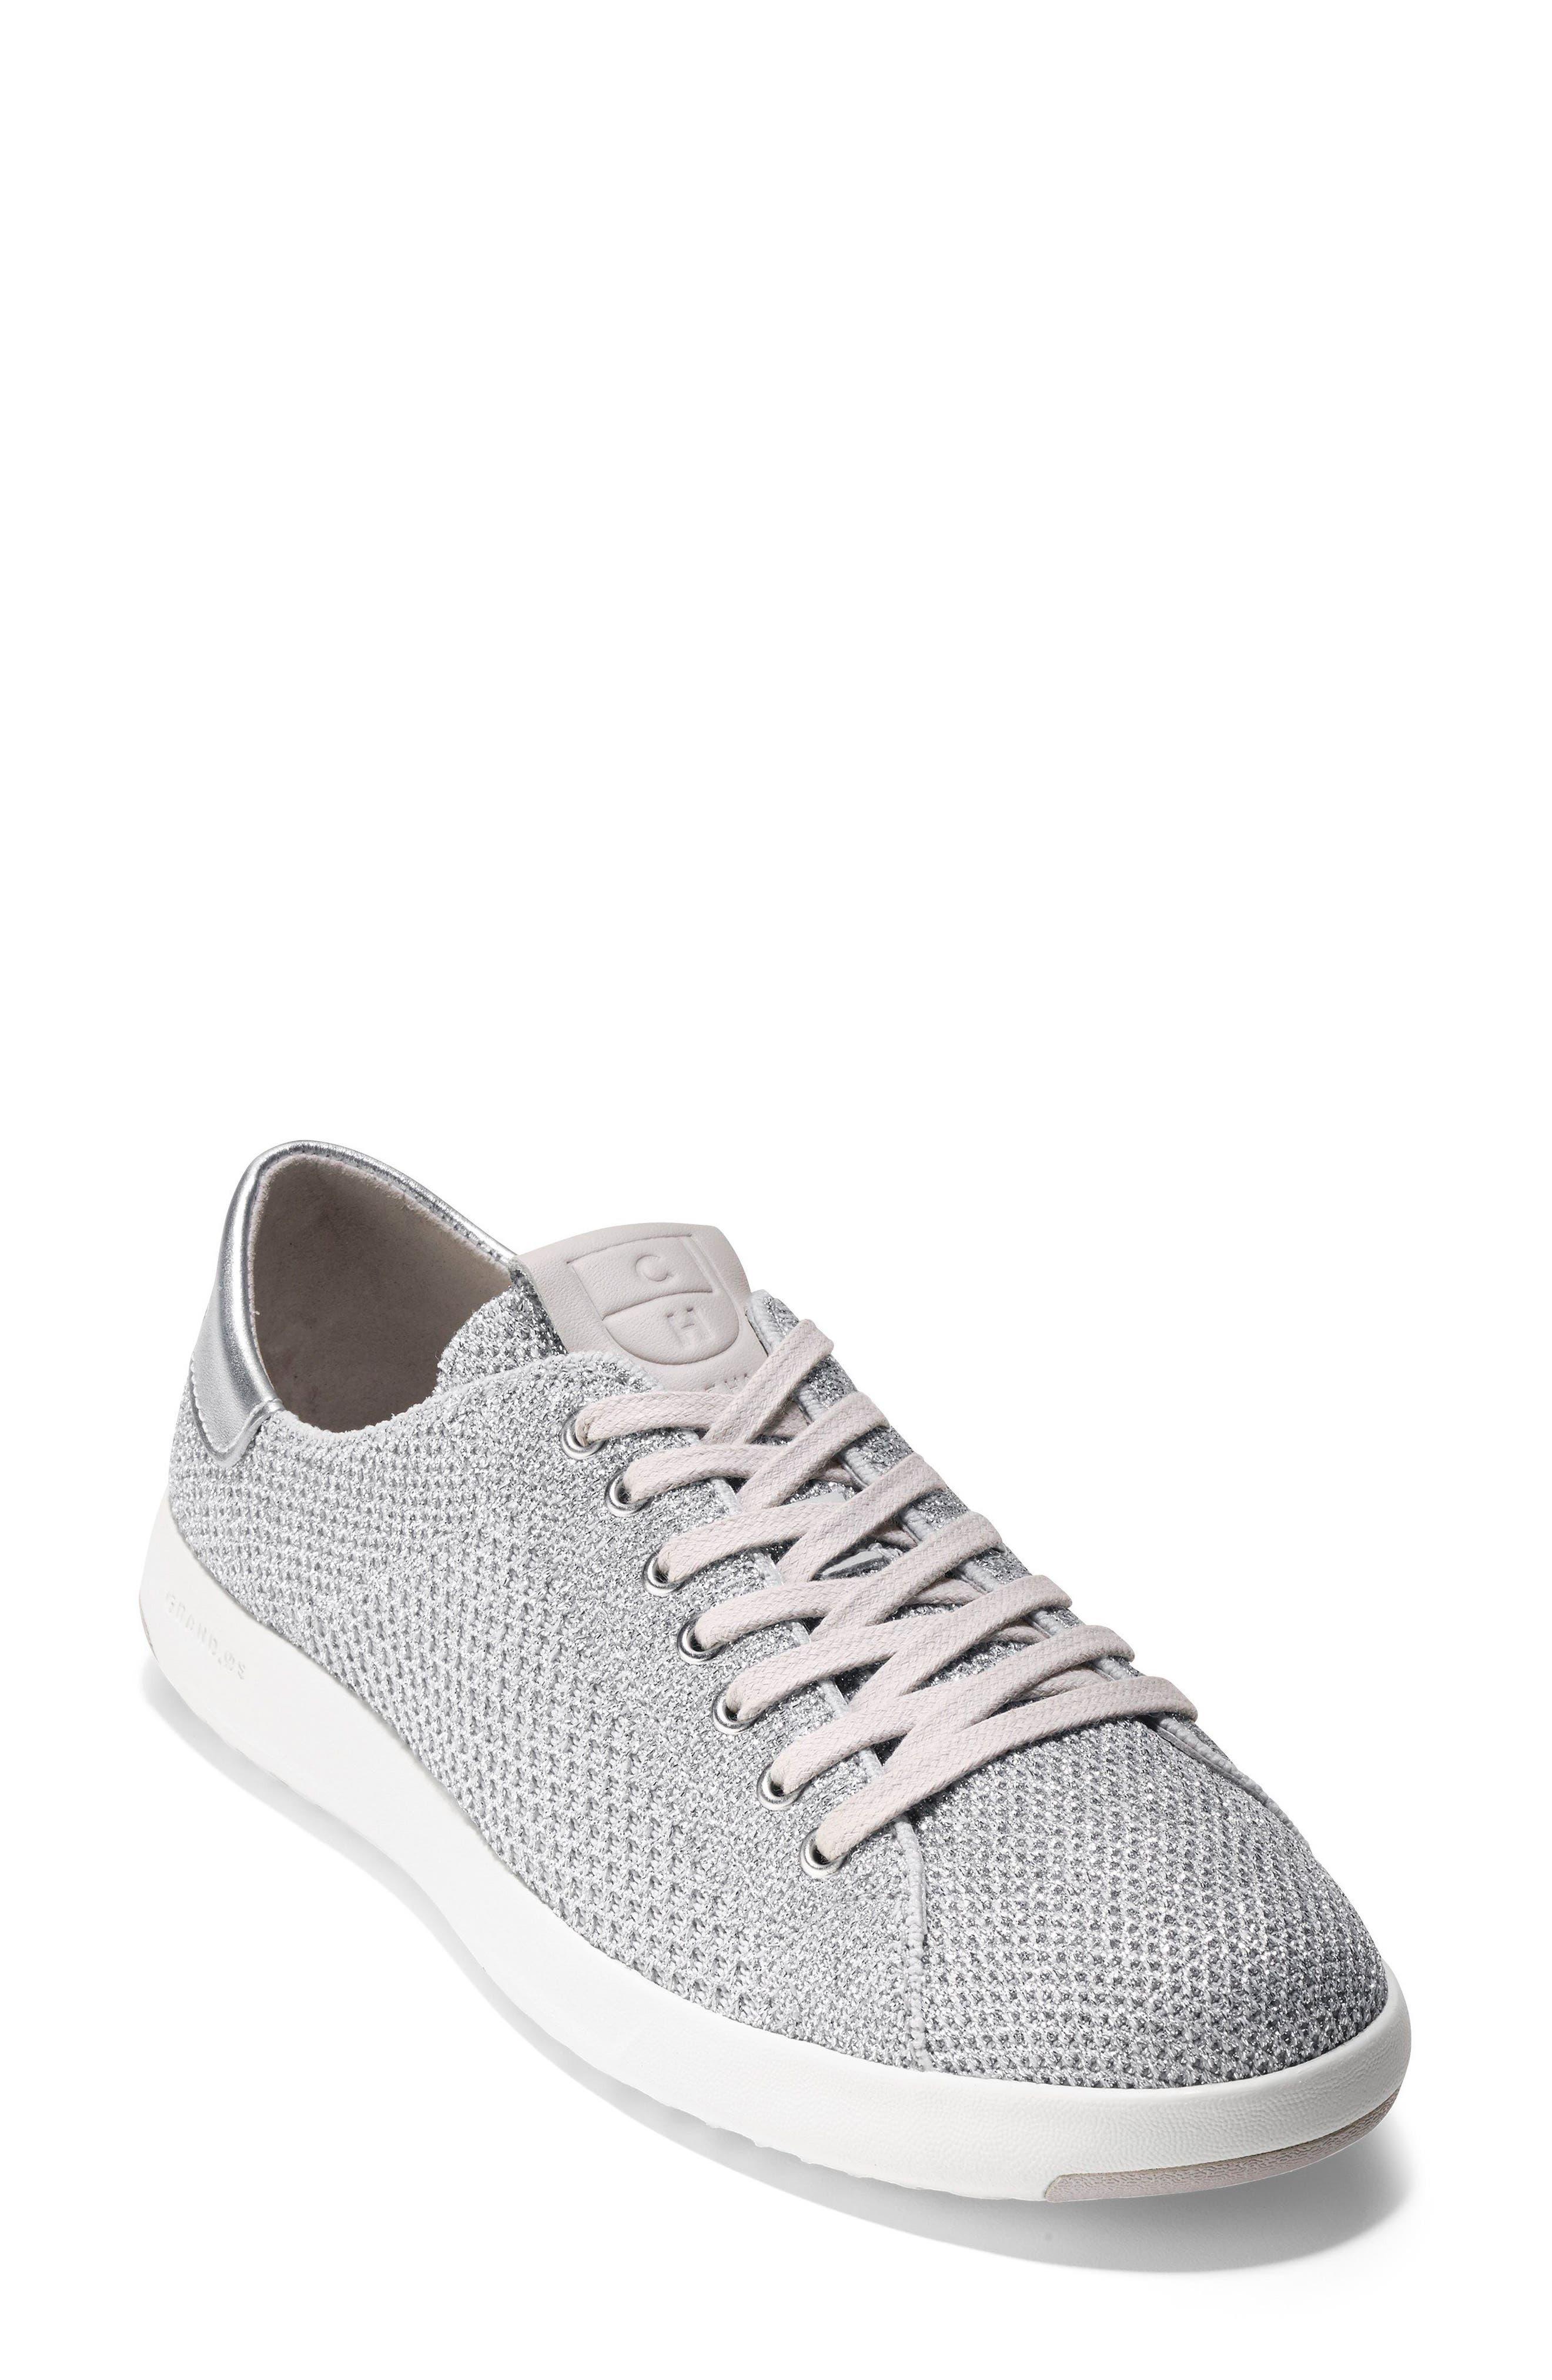 GrandPro Stitchlite Sneaker,                             Main thumbnail 1, color,                             Silver Fabric